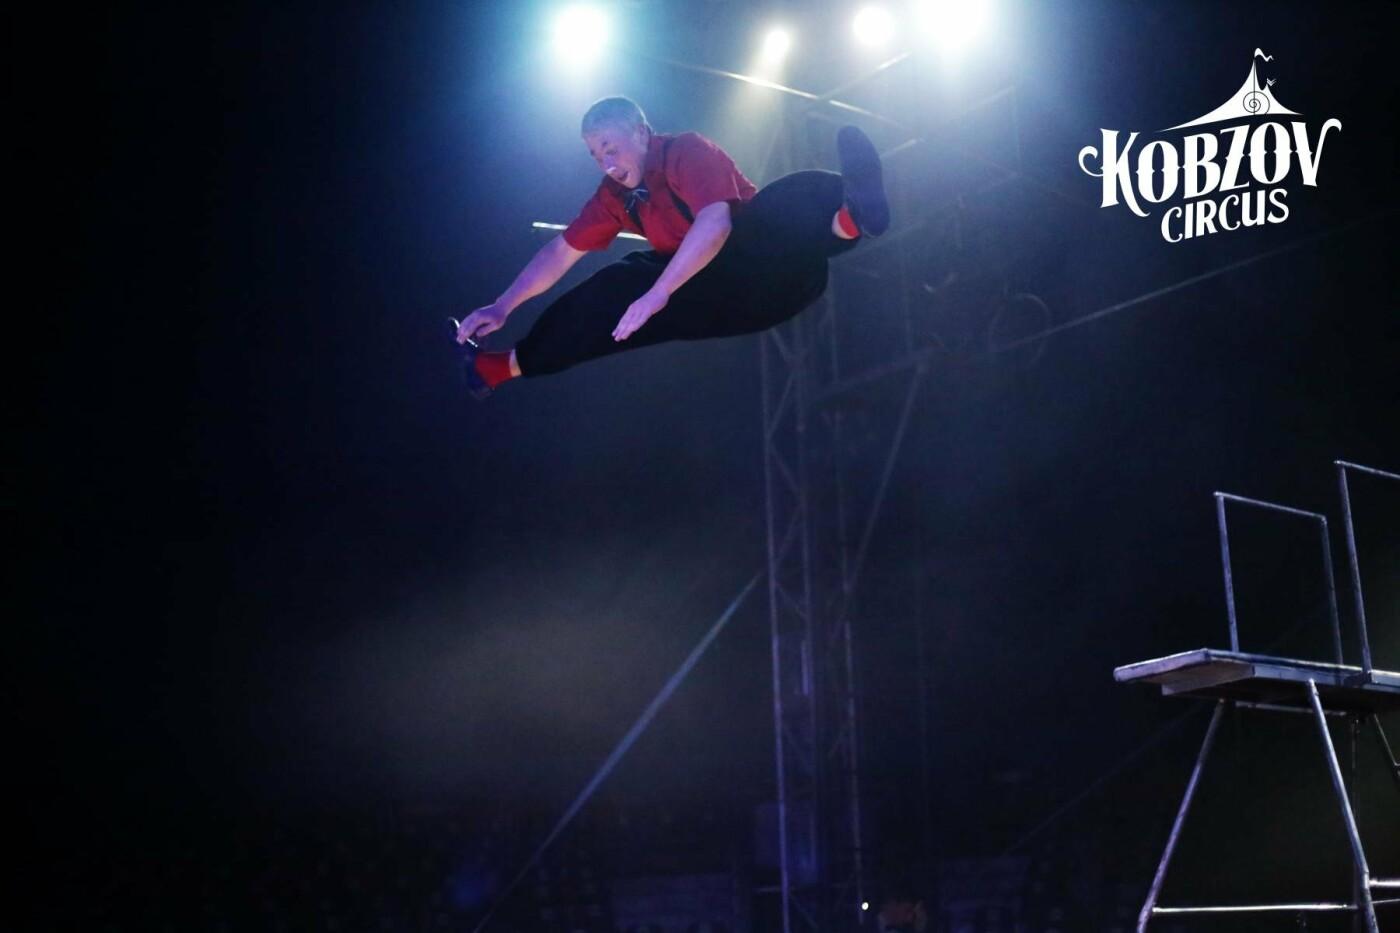 Найбільший цирк України – цирк «Кобзов», готовий дивувати, надихати і приносити радість!, фото-1